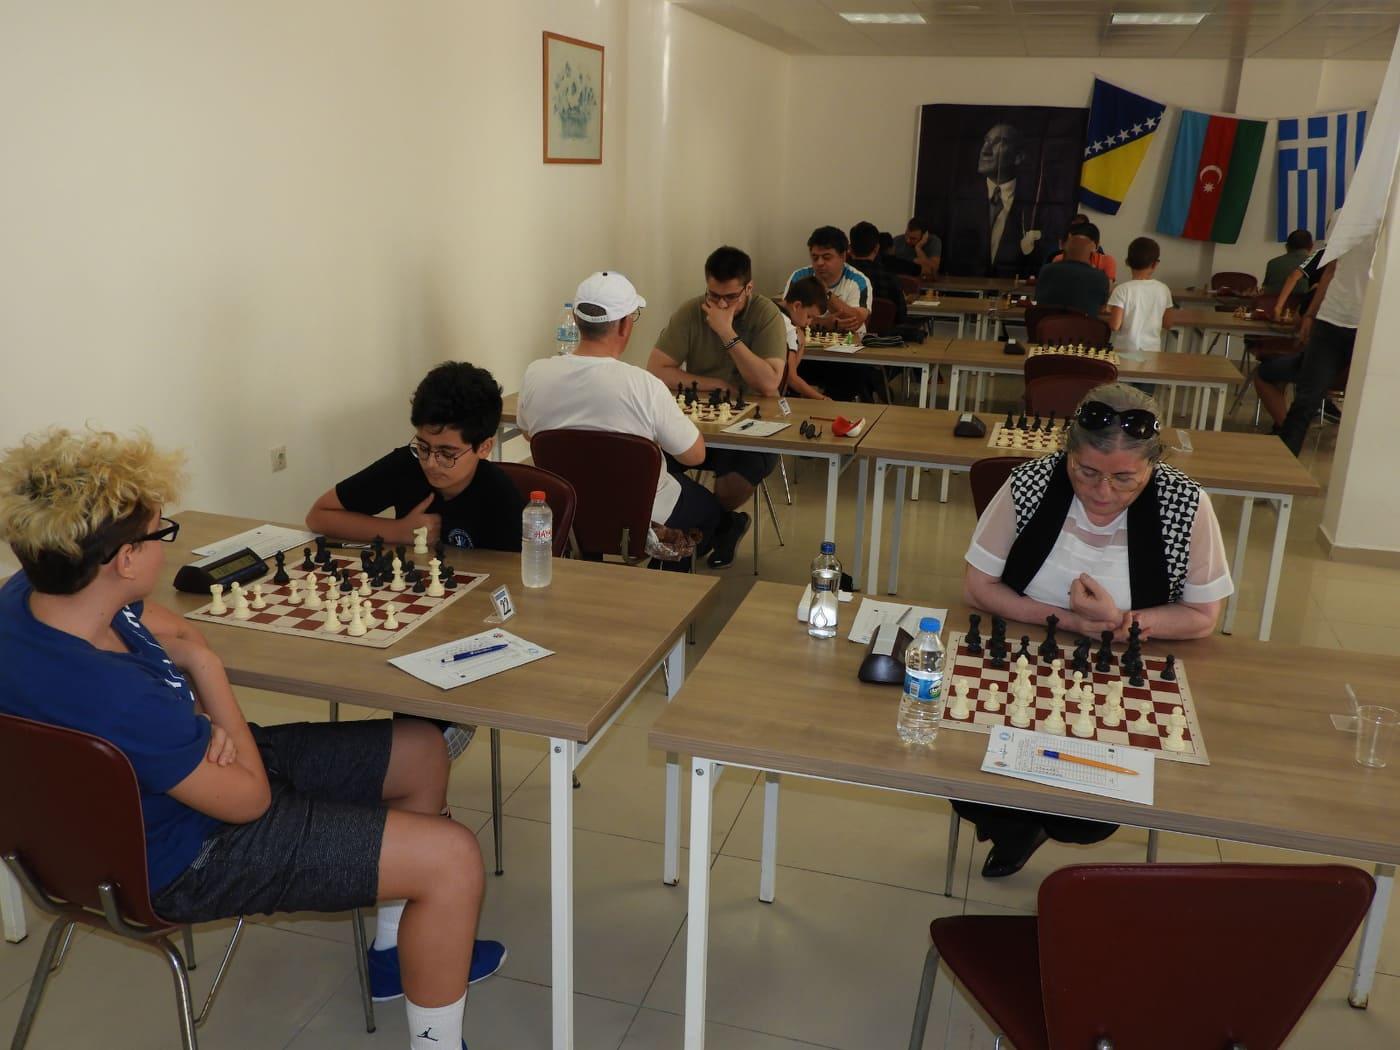 Uluslararası Santranç Turnuvası Enez'de başladı